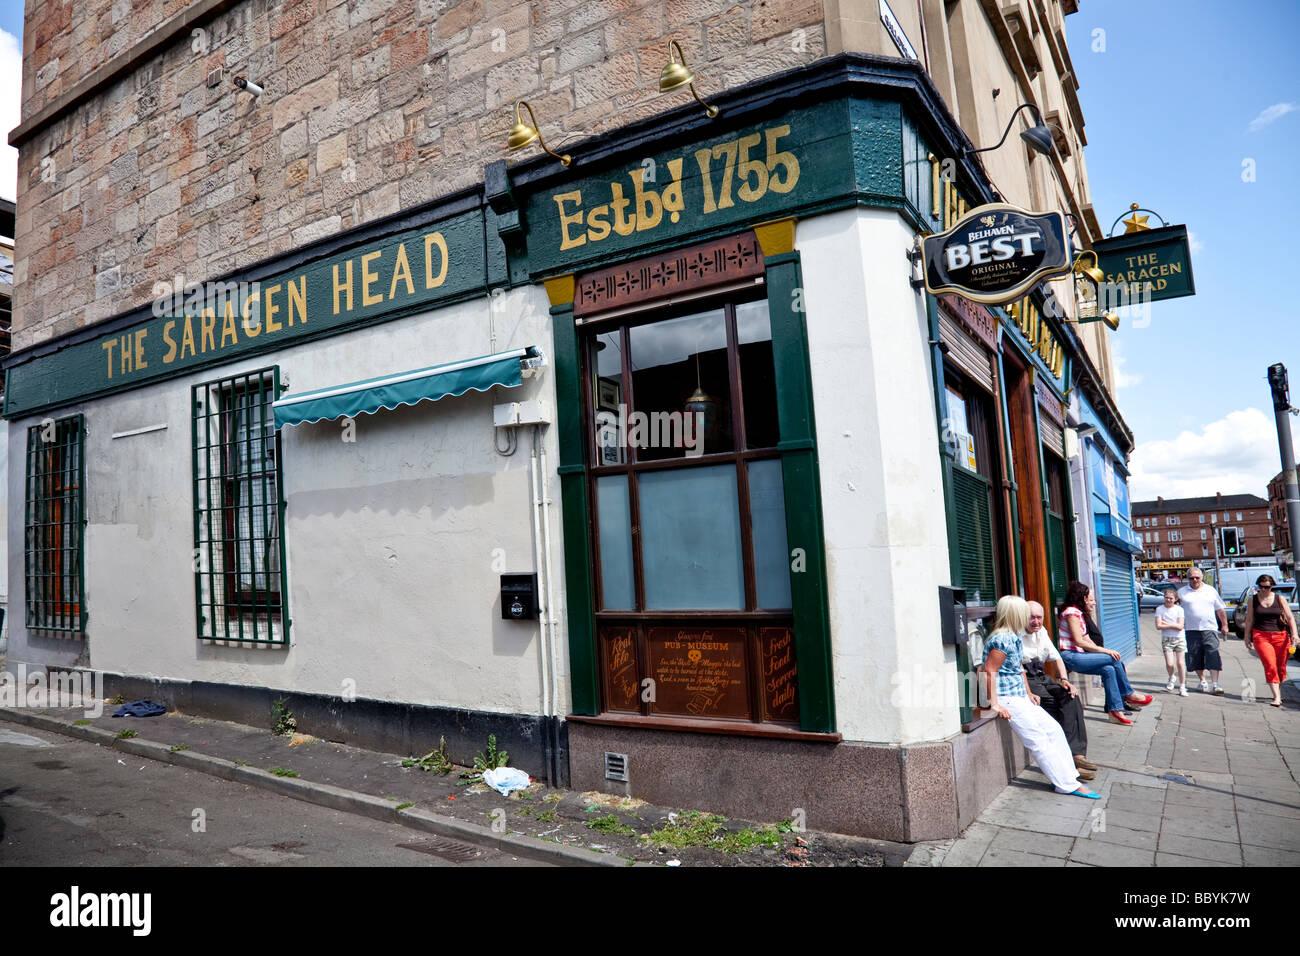 La tête Sarrasine, ou Sarry Heid, un célèbre vieux pub dans la Gallowgate Région de l'Est Photo Stock